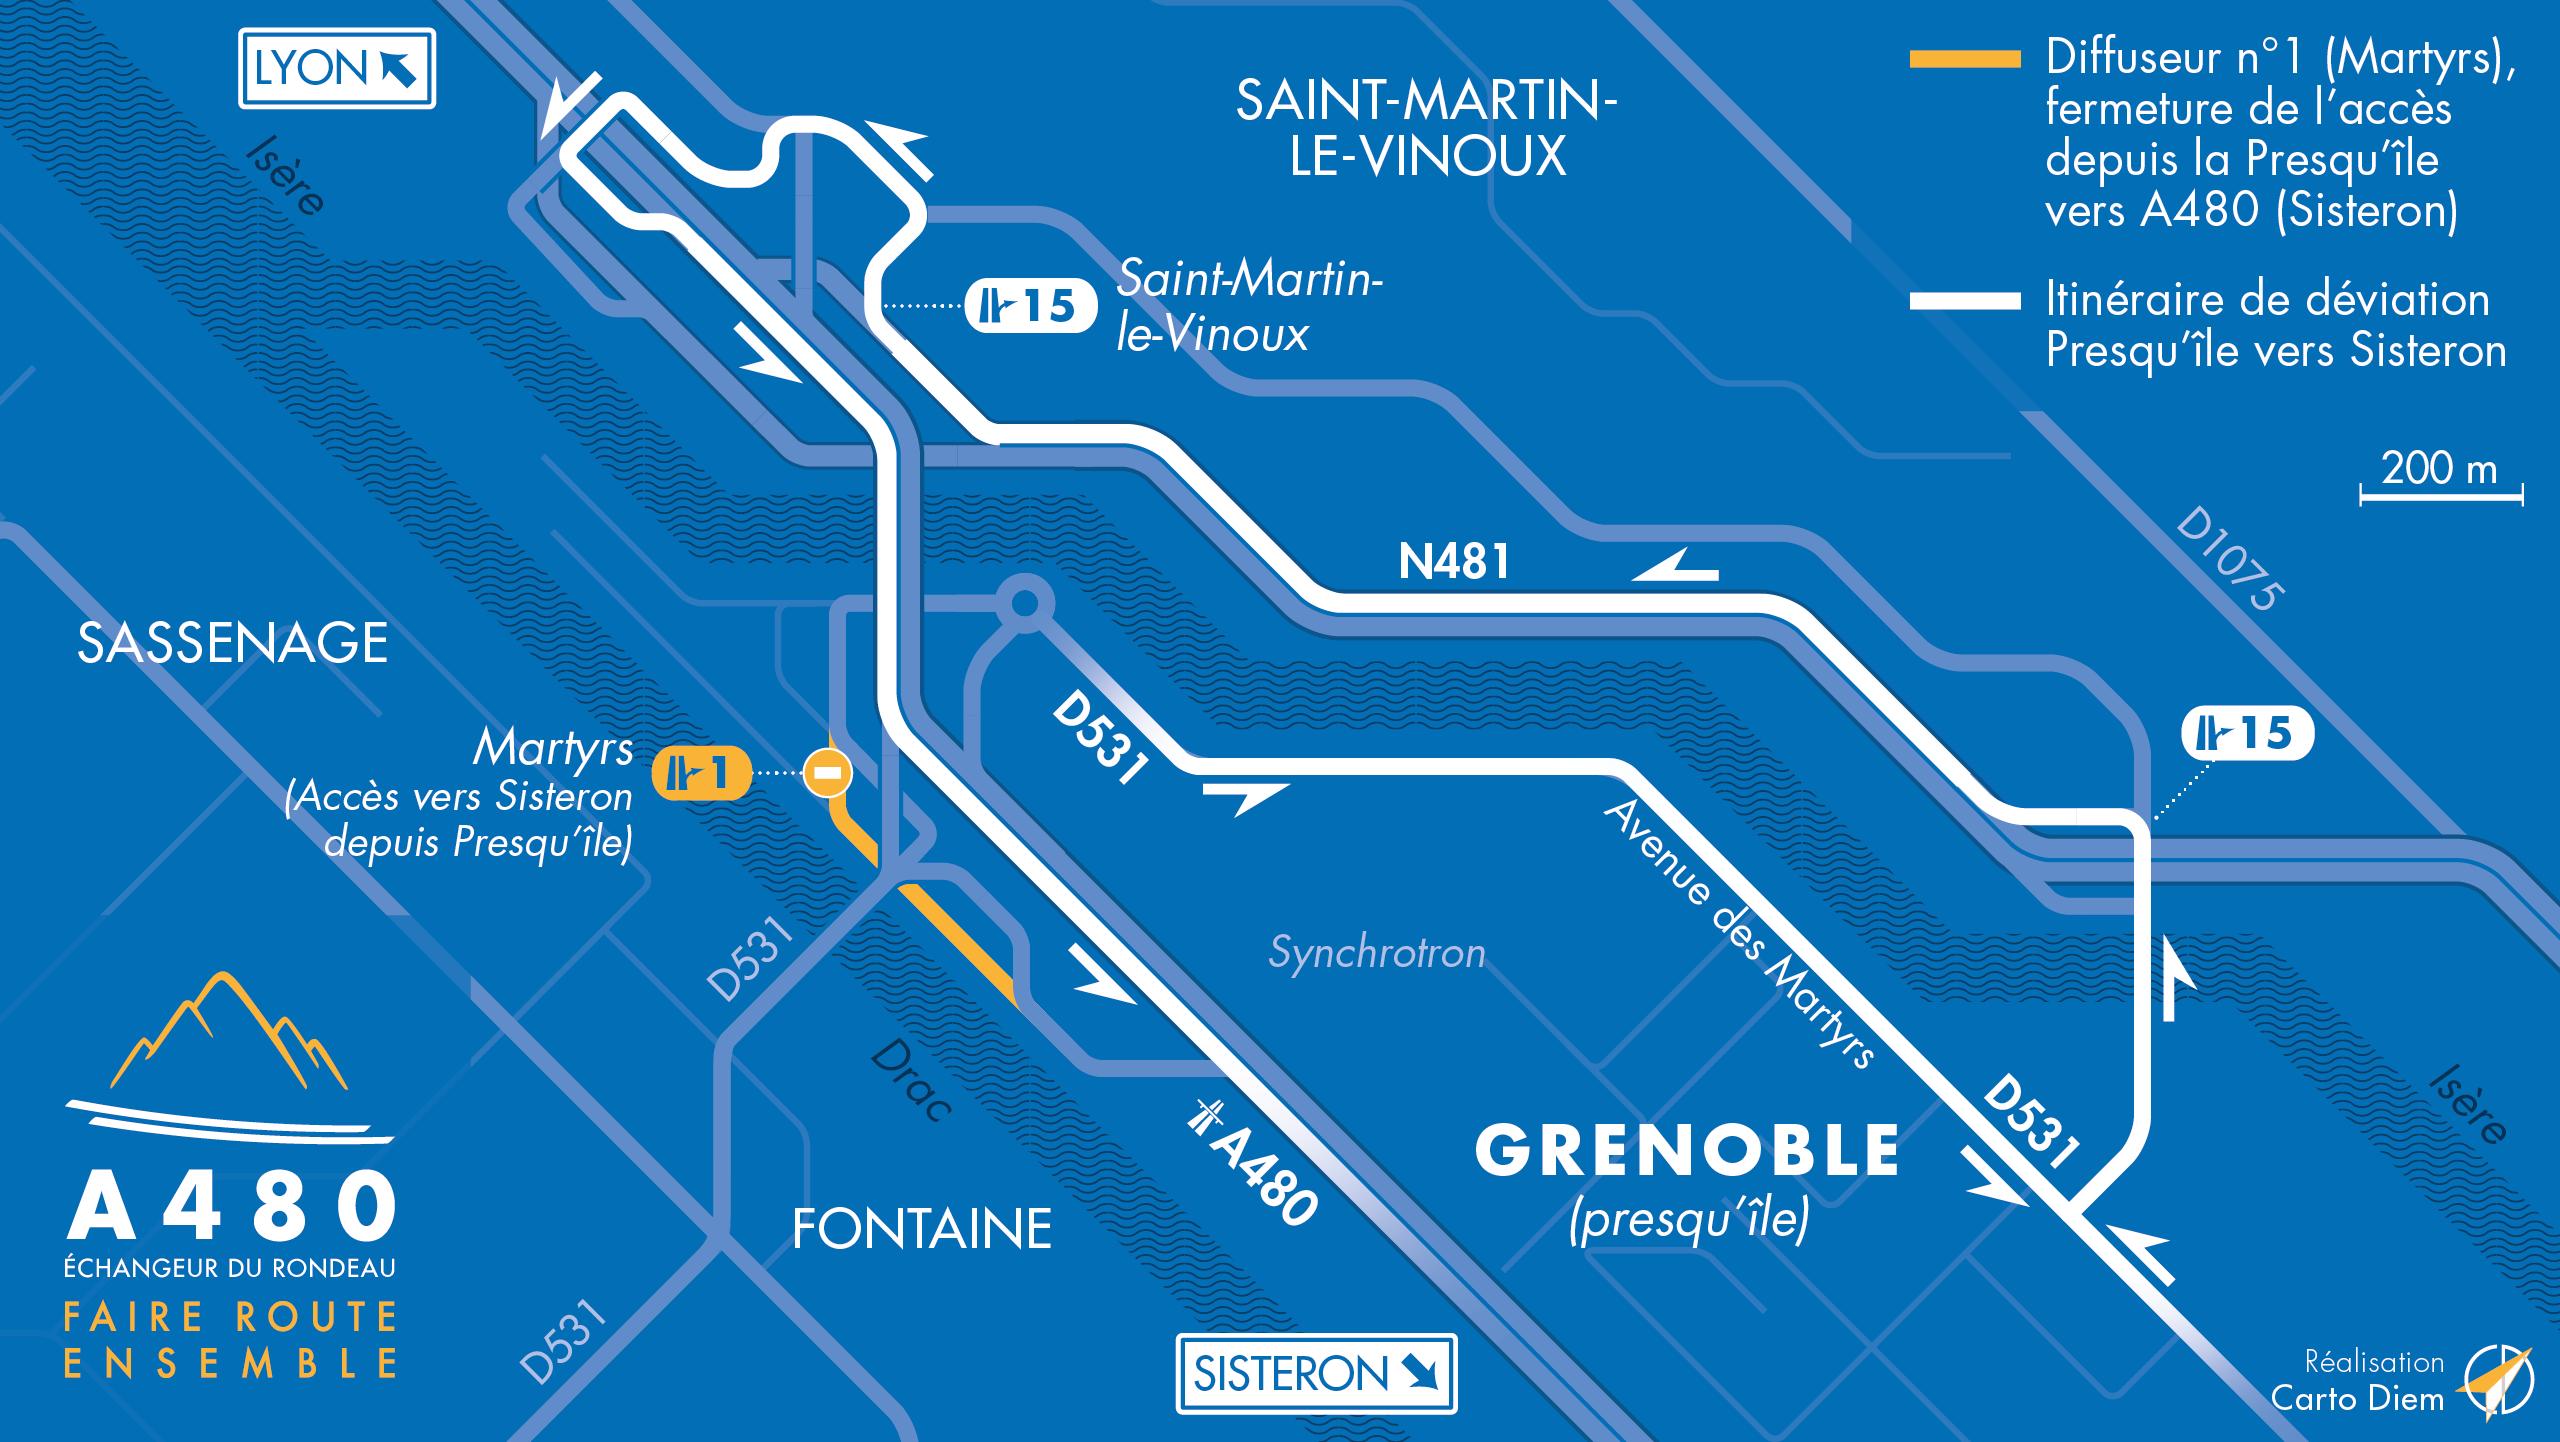 Carte de déviations mise à jour suite à la fermetures de bretelles sur le secteur de martyrs à Grenoble